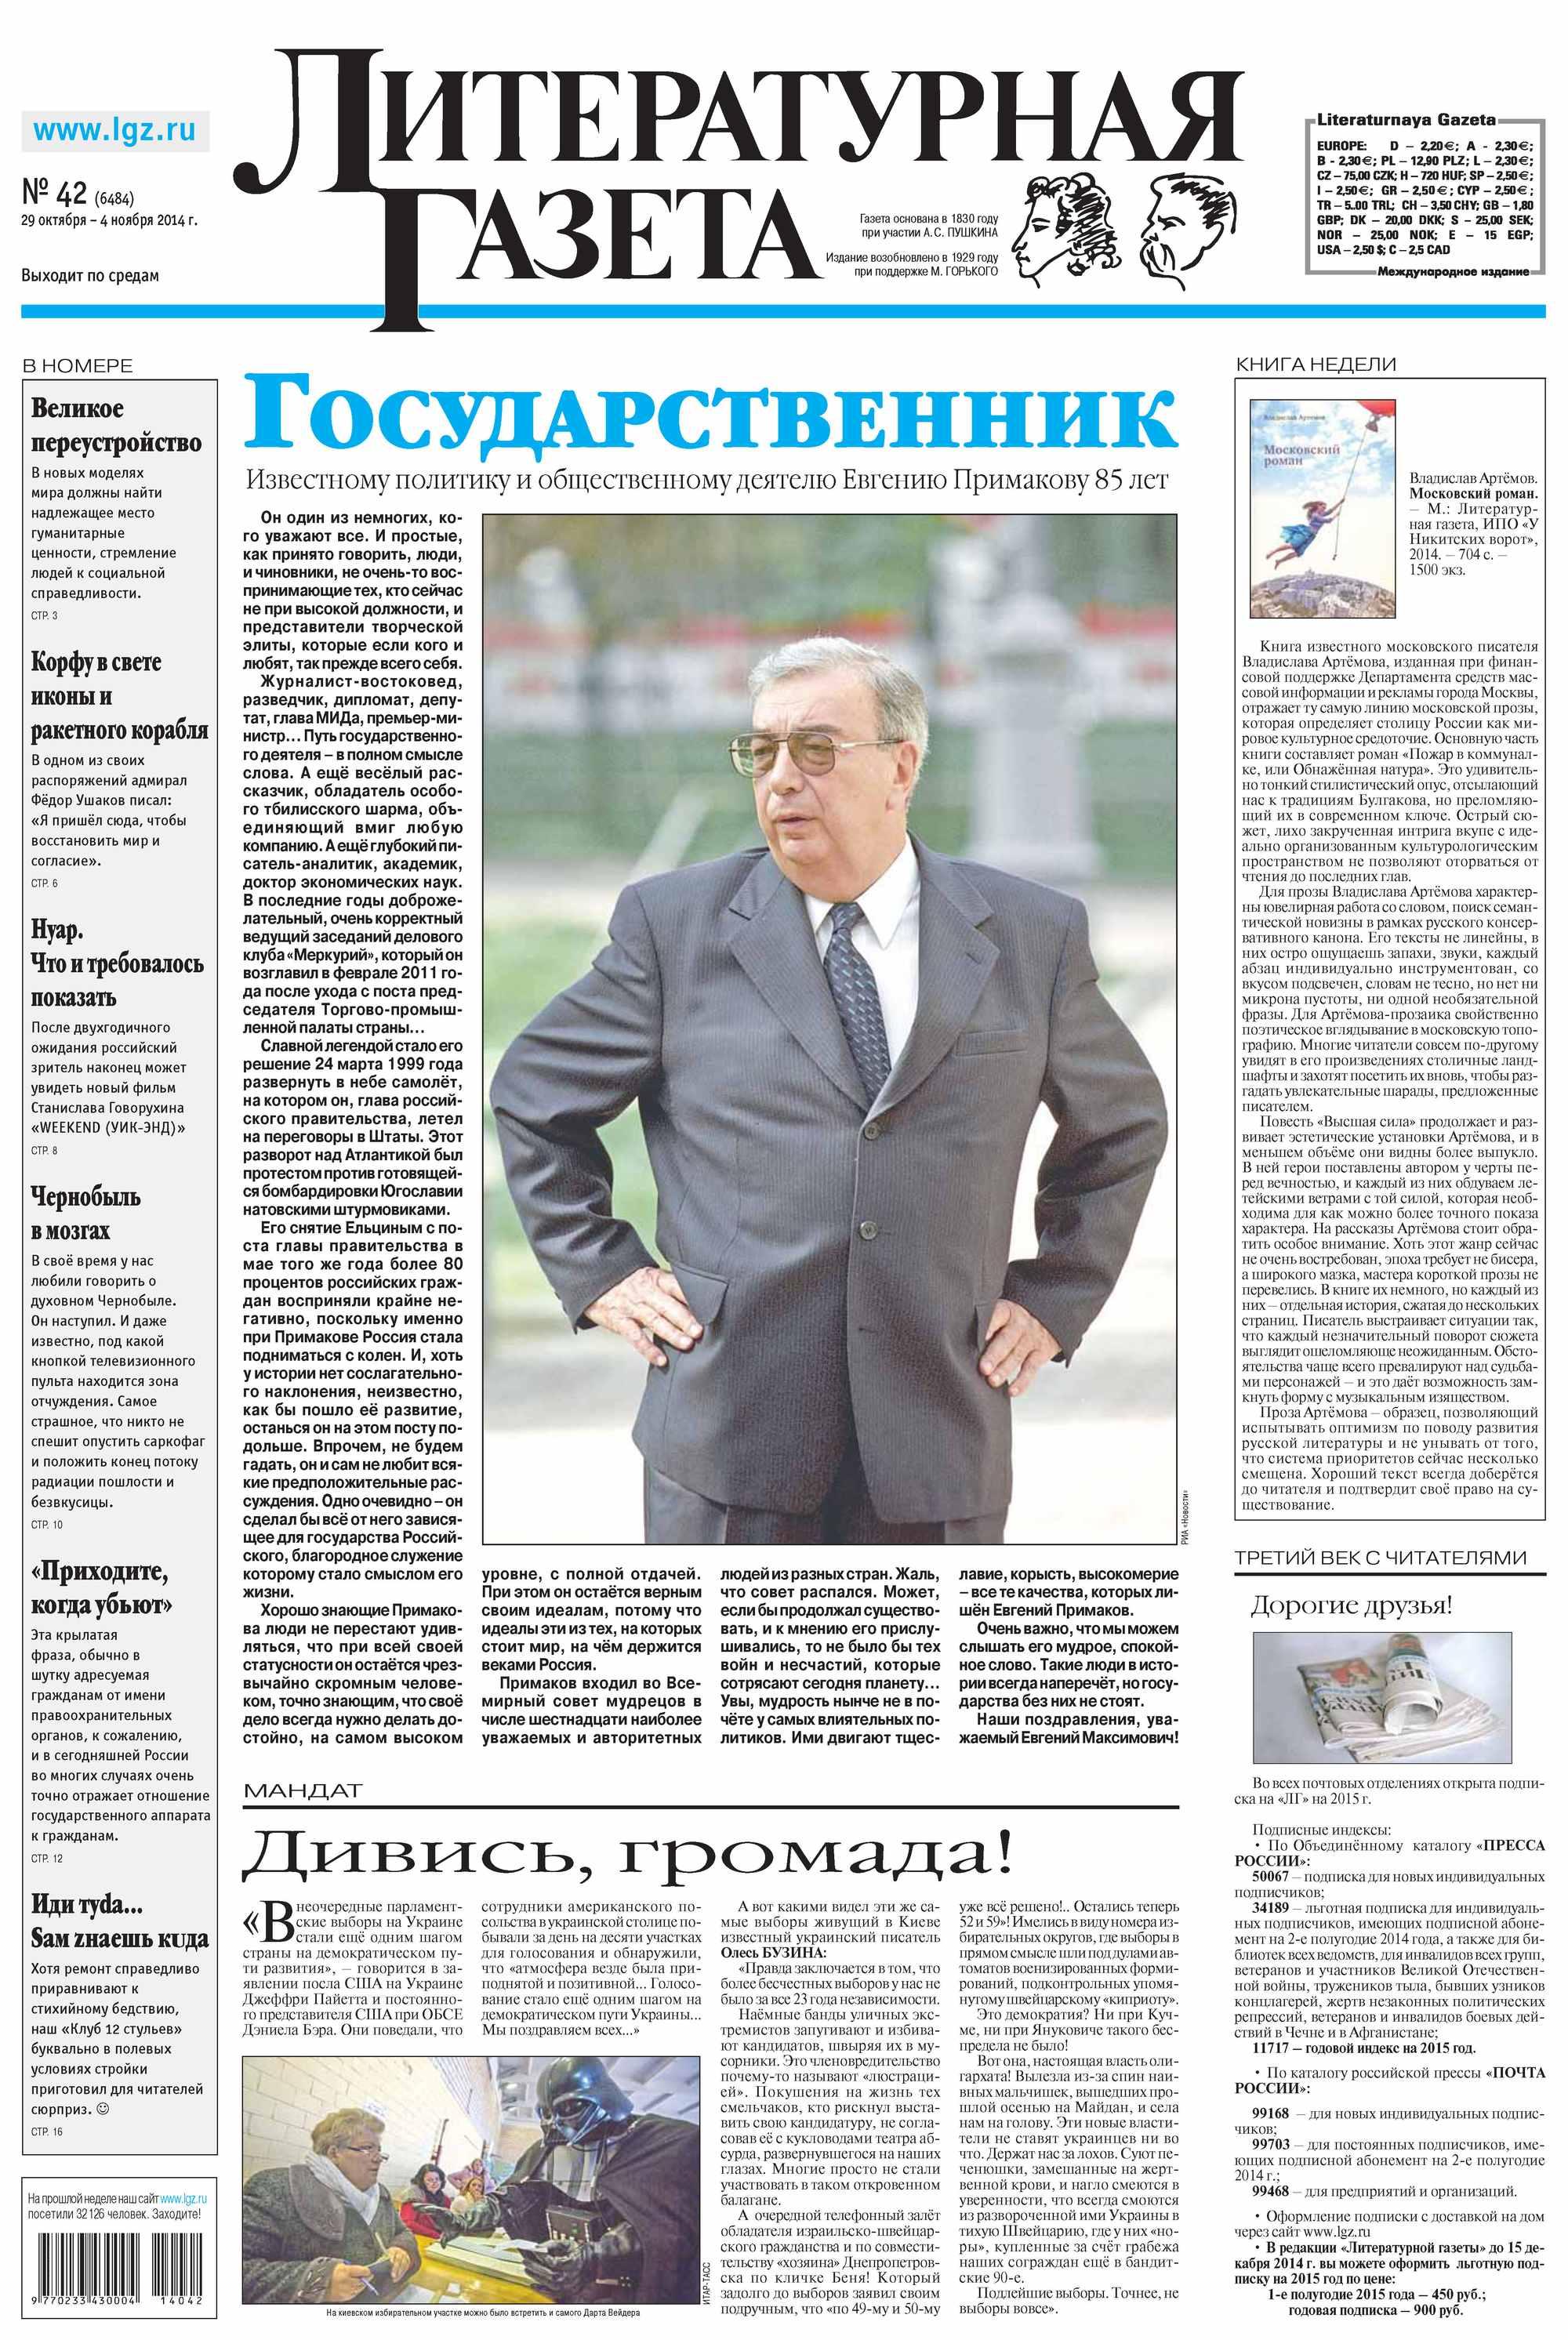 Литературная газета №42 (6484) 2014 фото